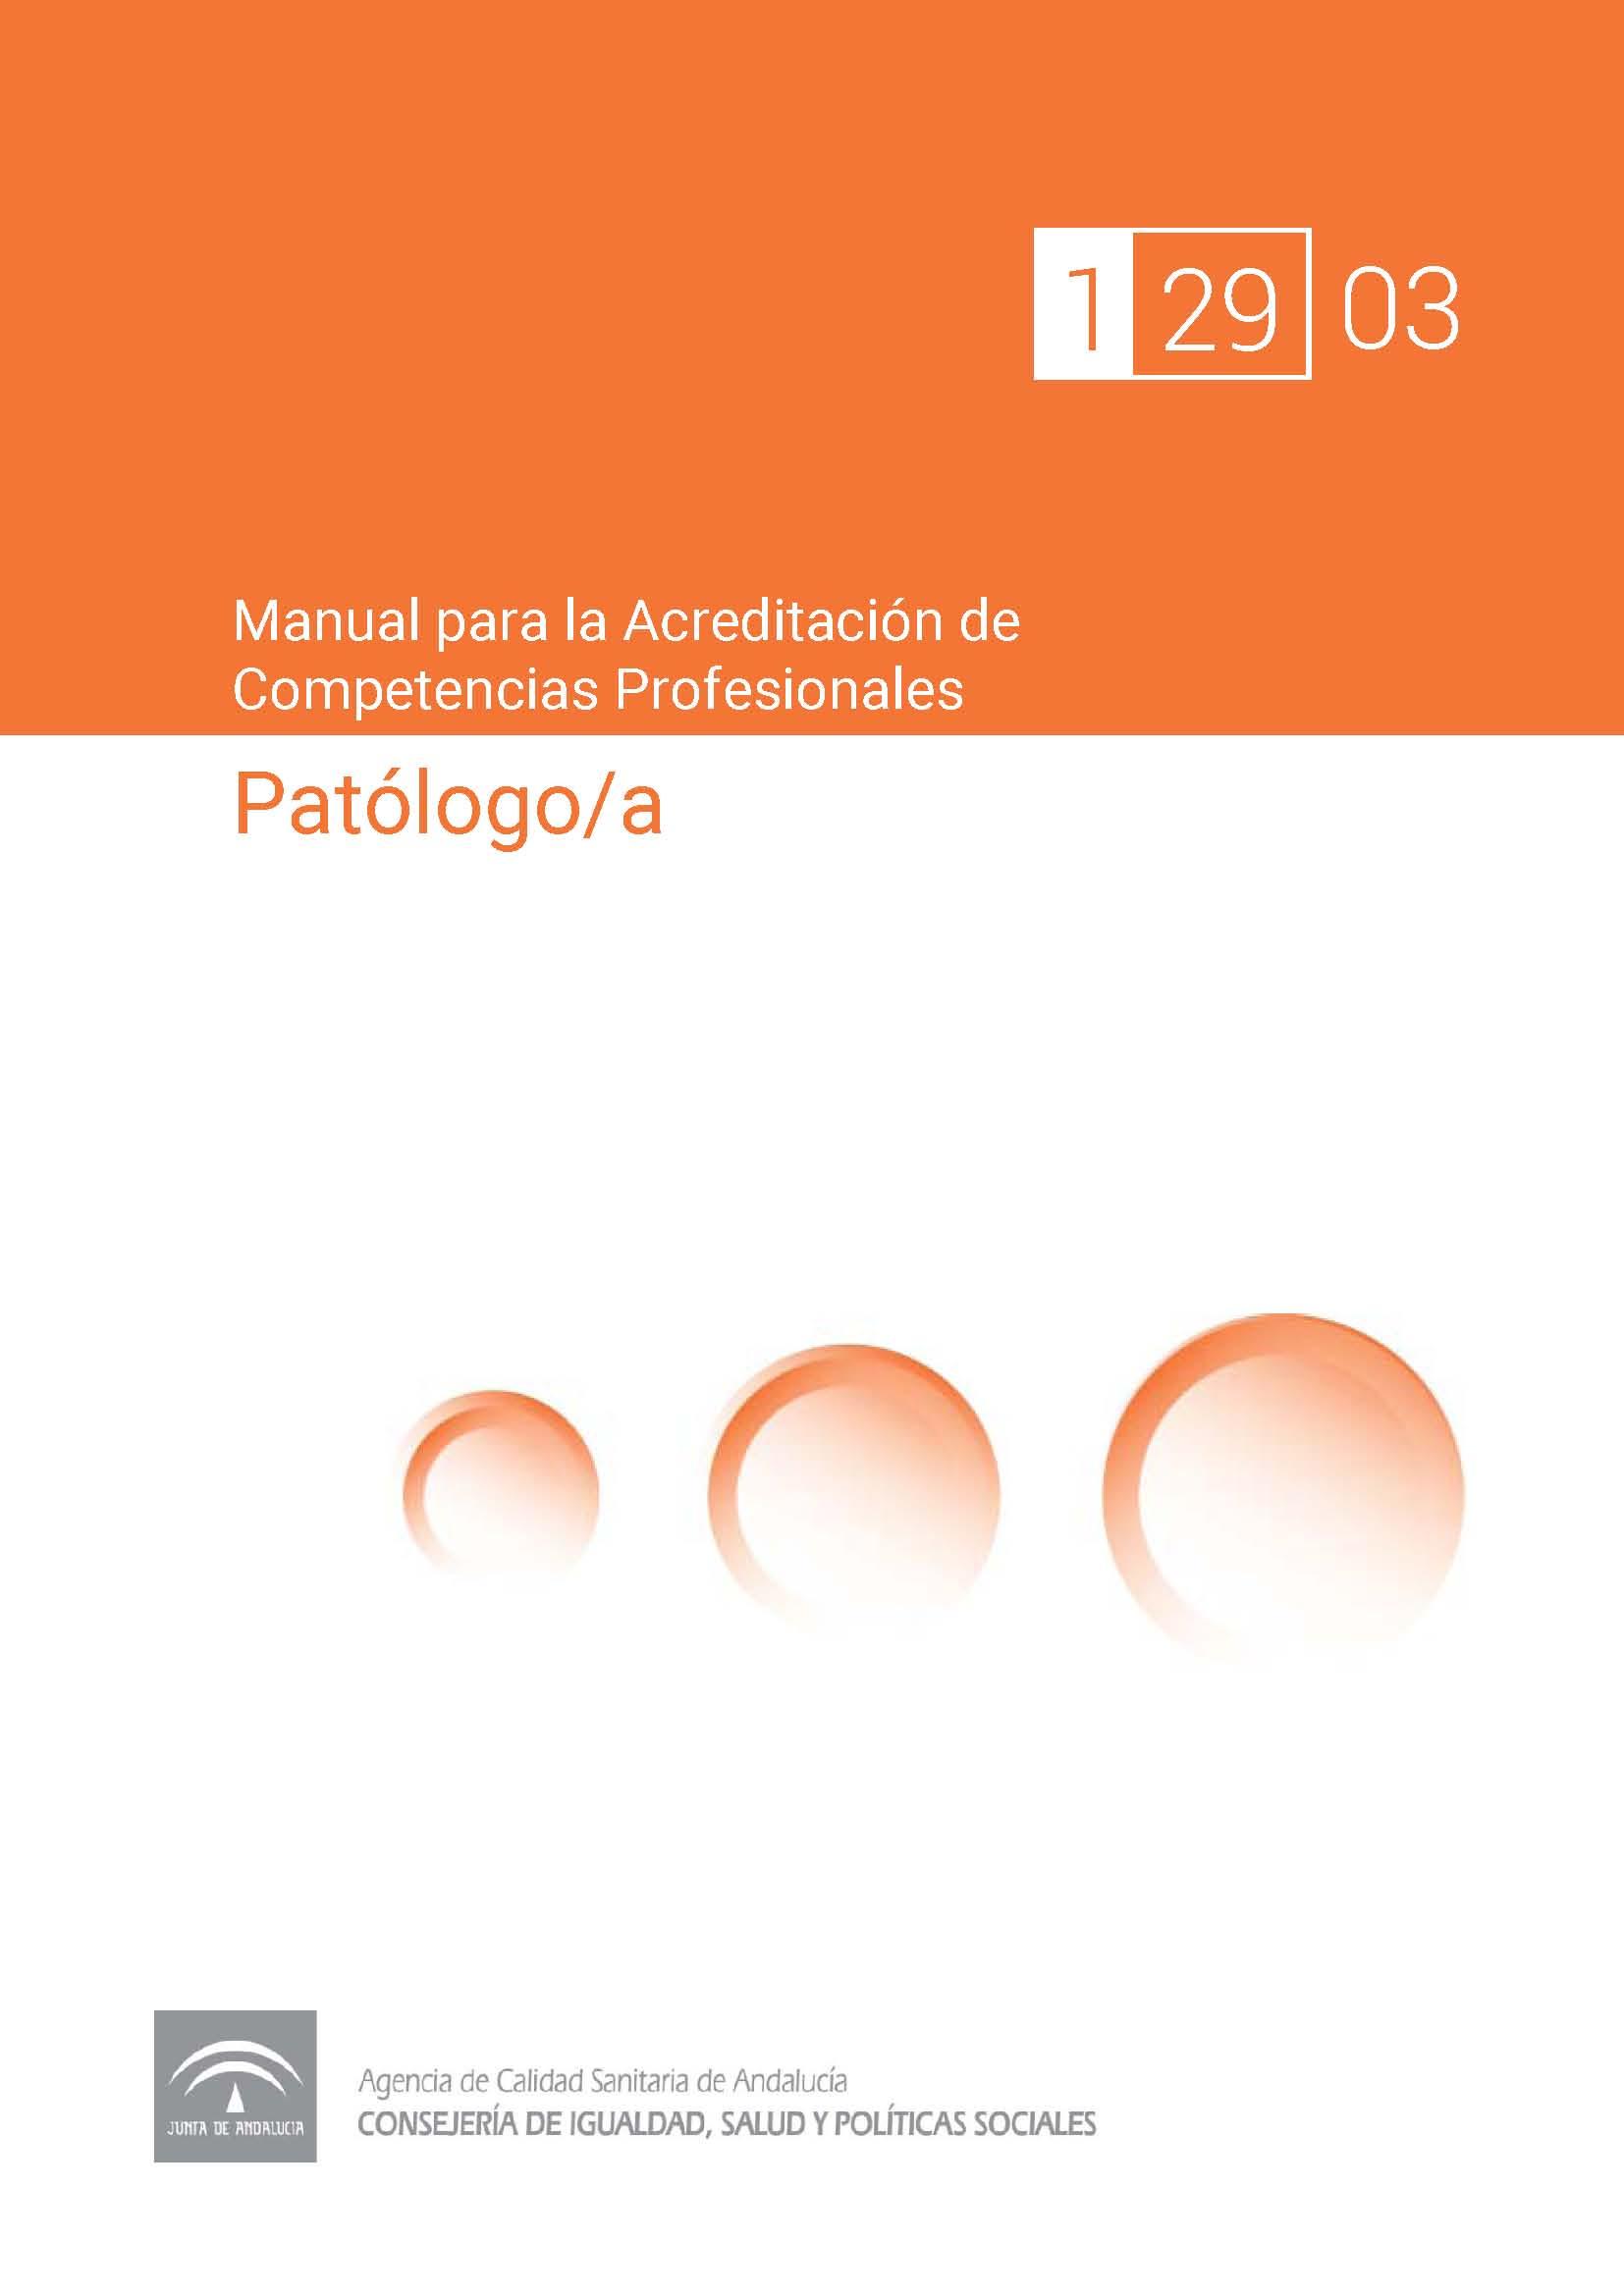 Manual de competencias profesionales del/de la Patólogo/a